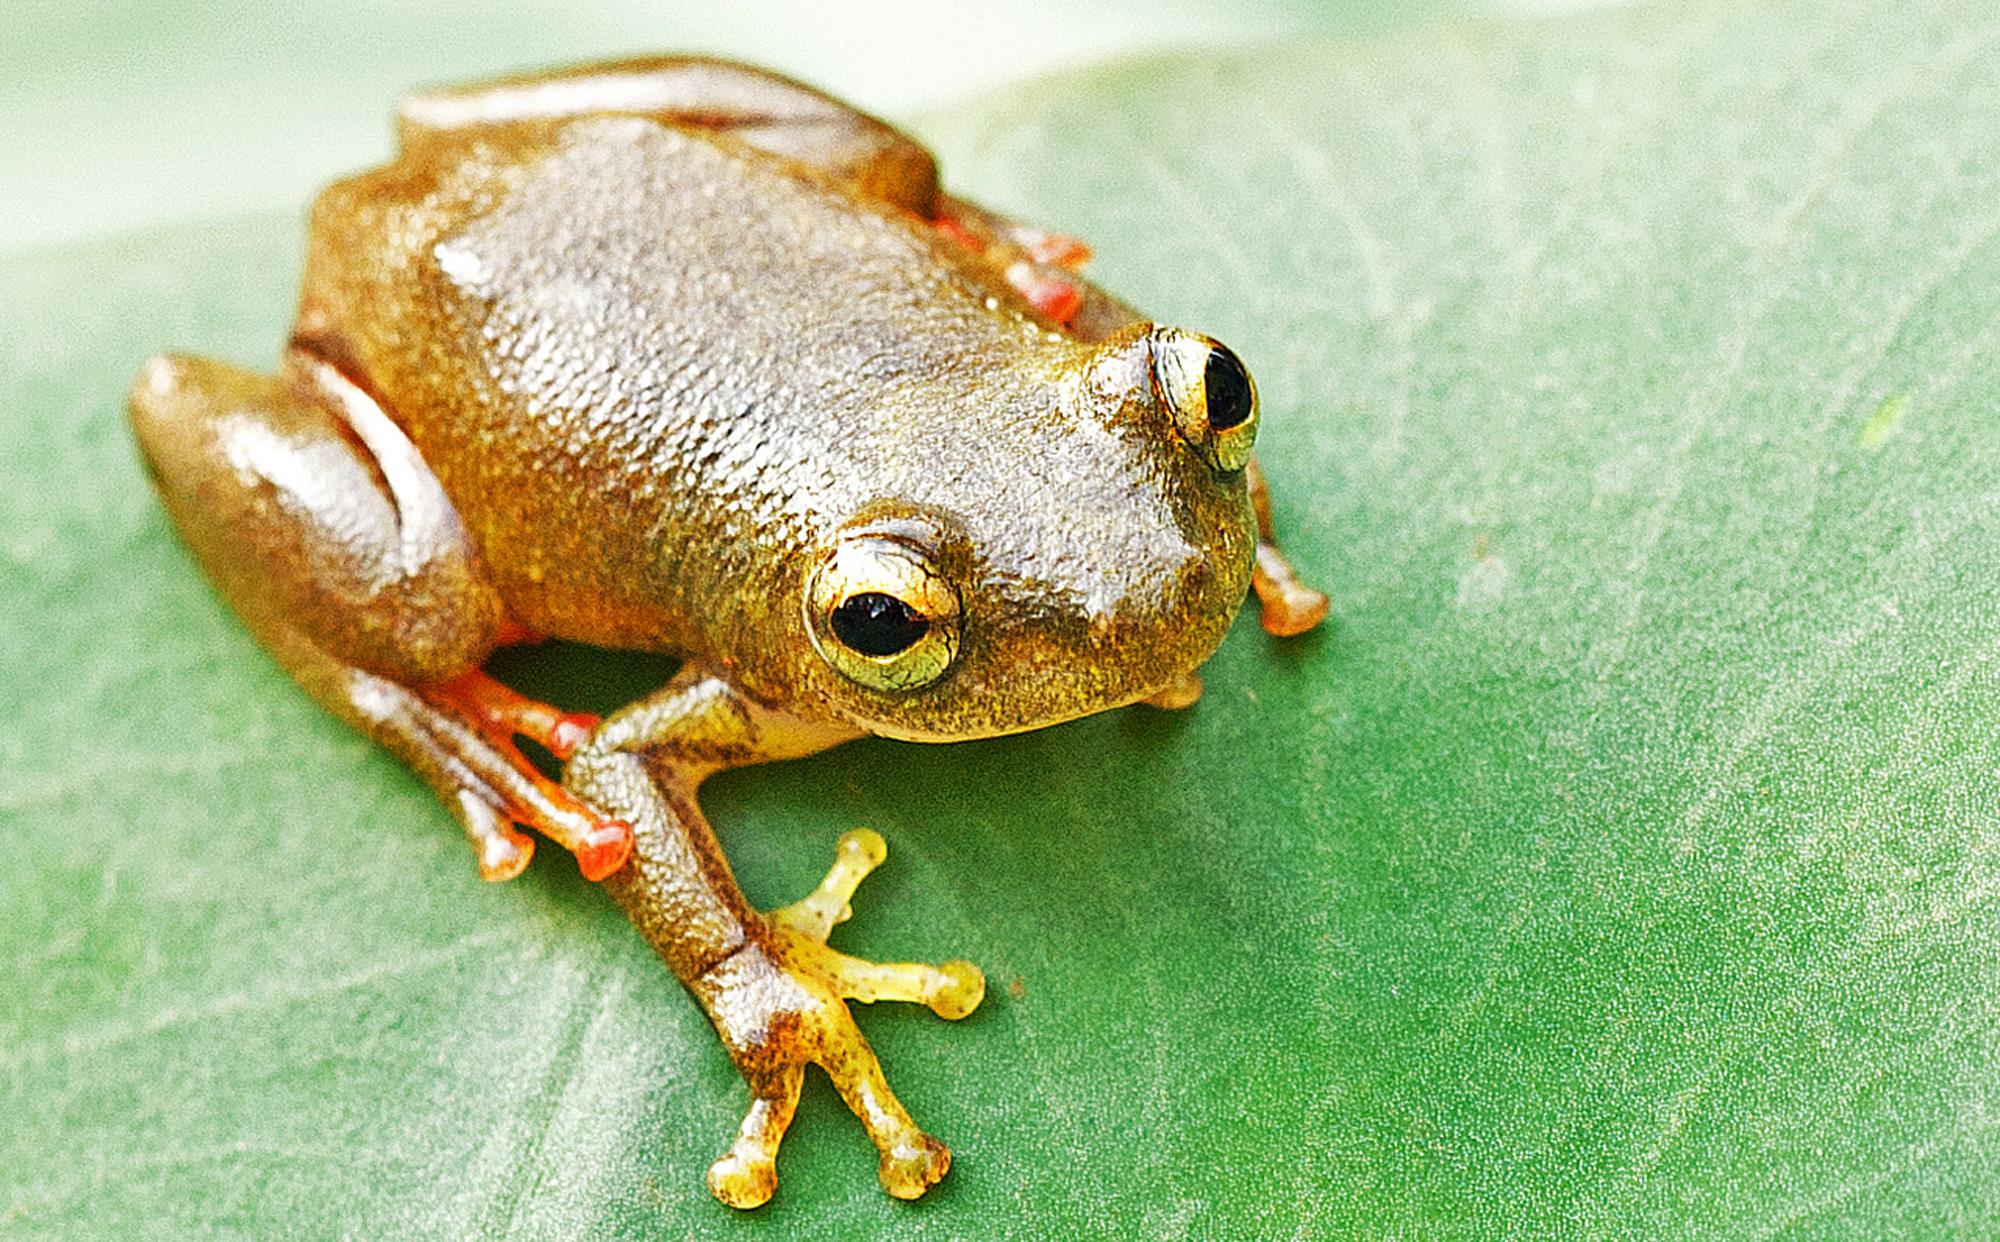 biodiversité amphibien environnement